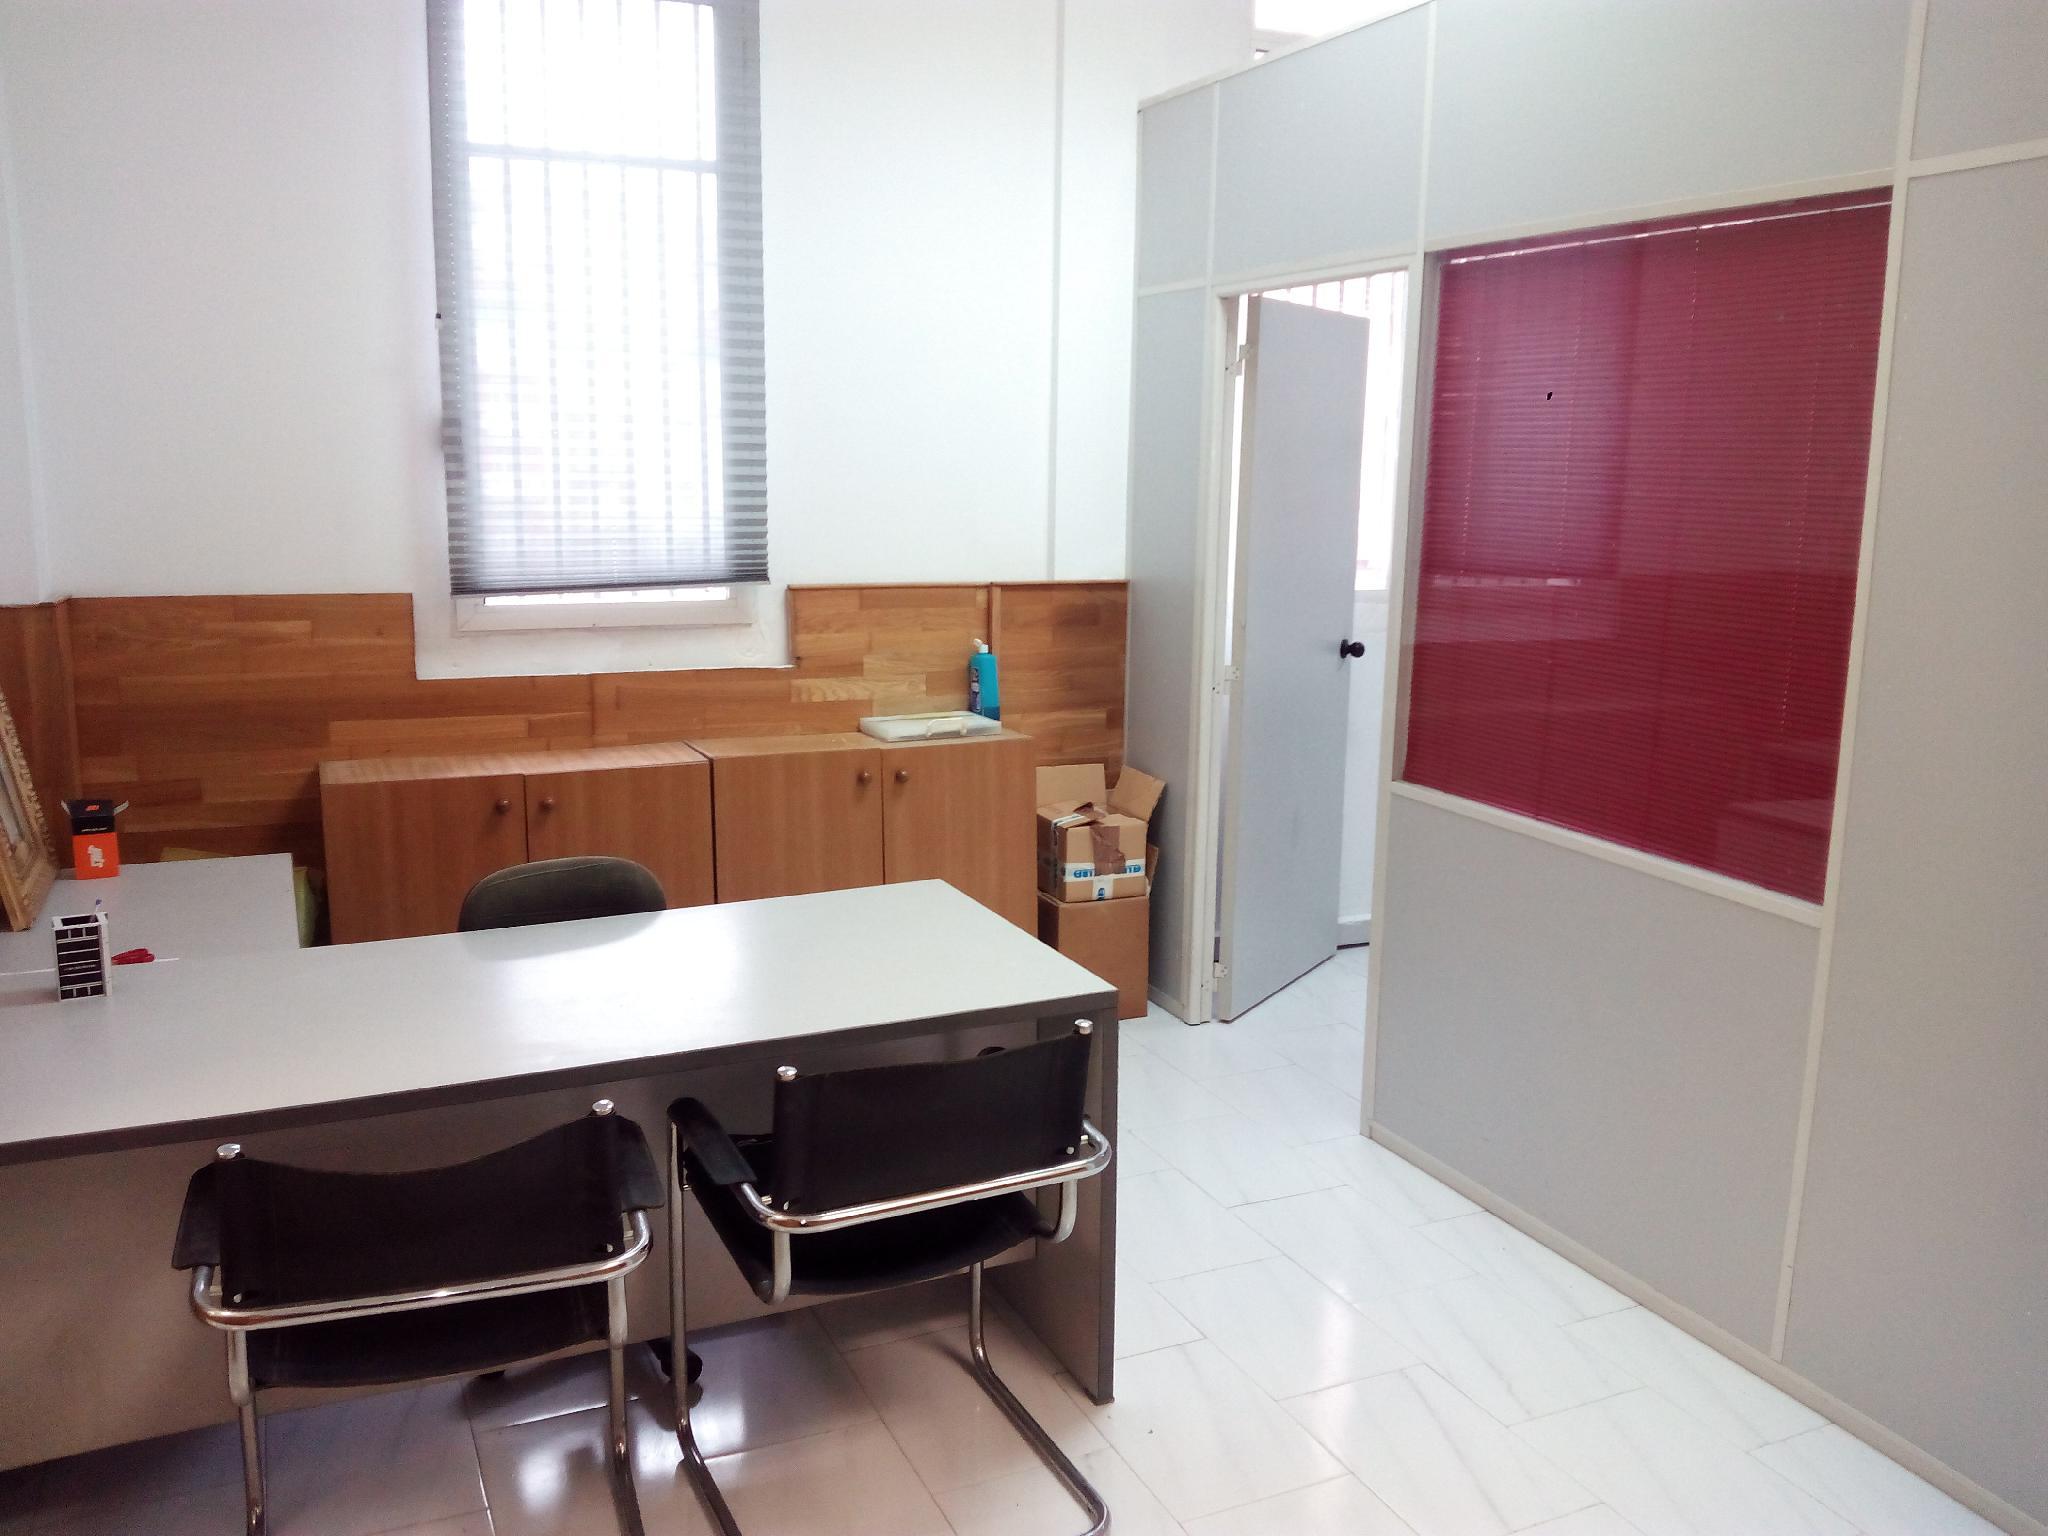 151694 - Local oficina cerca juzgados